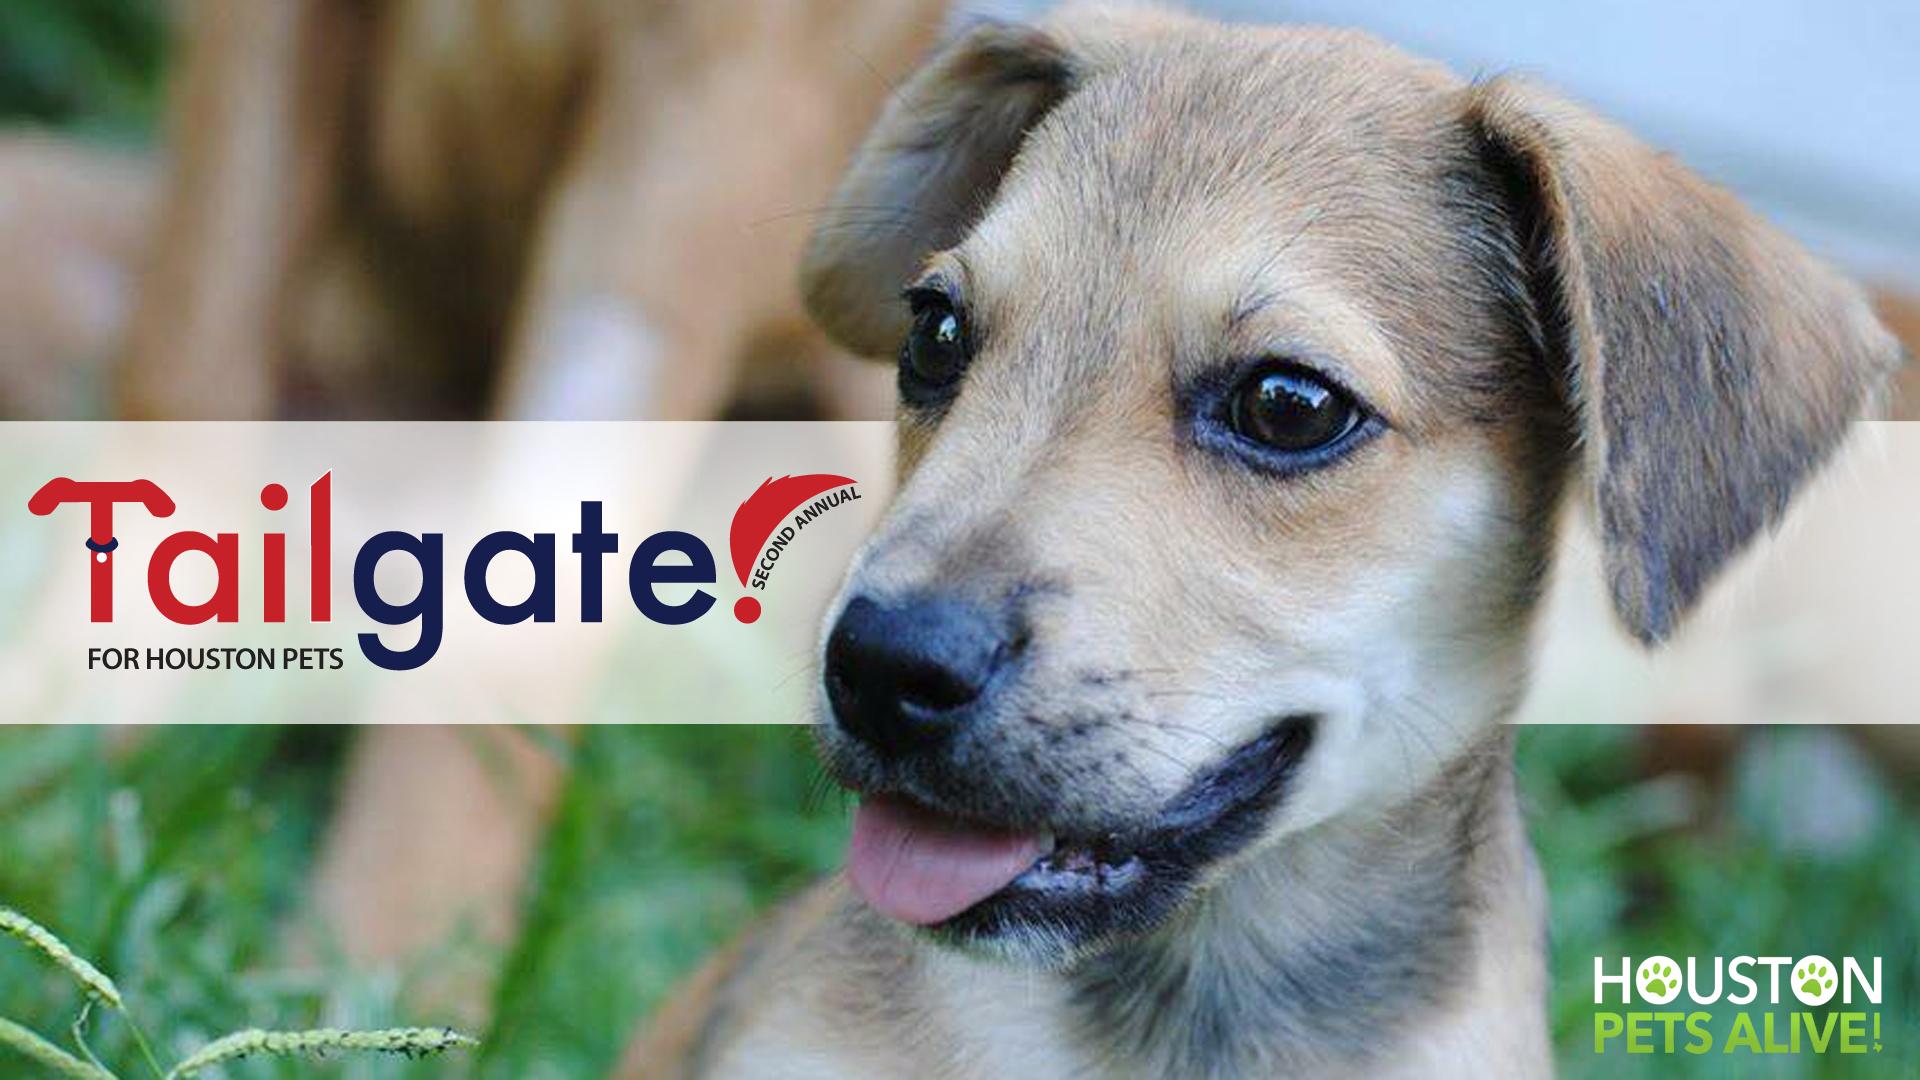 Noble 7070c719 Cfcd 428c 8d5c 9cc04fe7a334 Houston Pets Alive Adoption Houston Pets Alive Chipotle bark post Houston Pets Alive